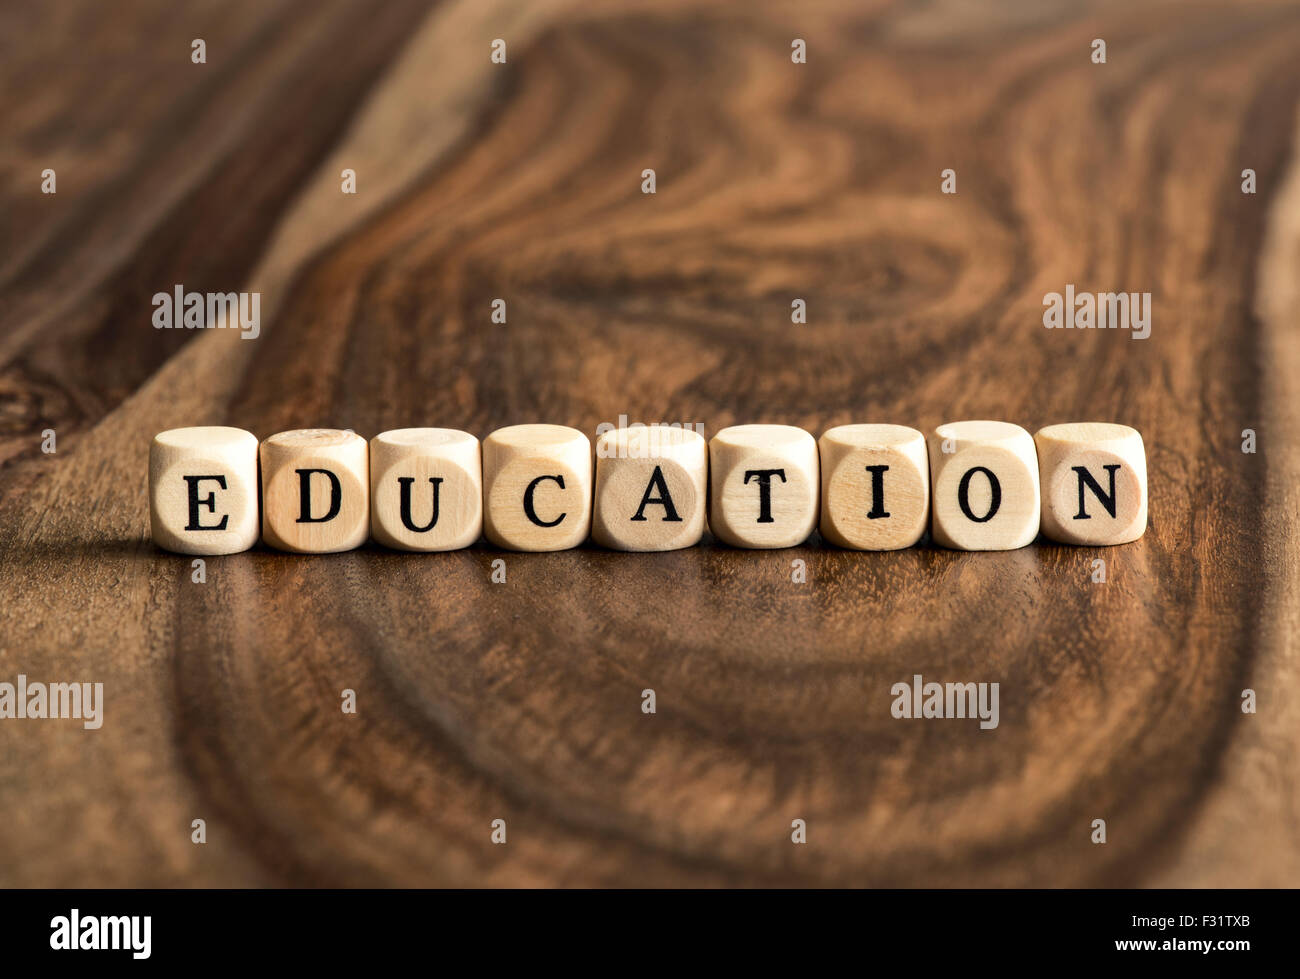 EDUCATION word background on wood blocks - Stock Image